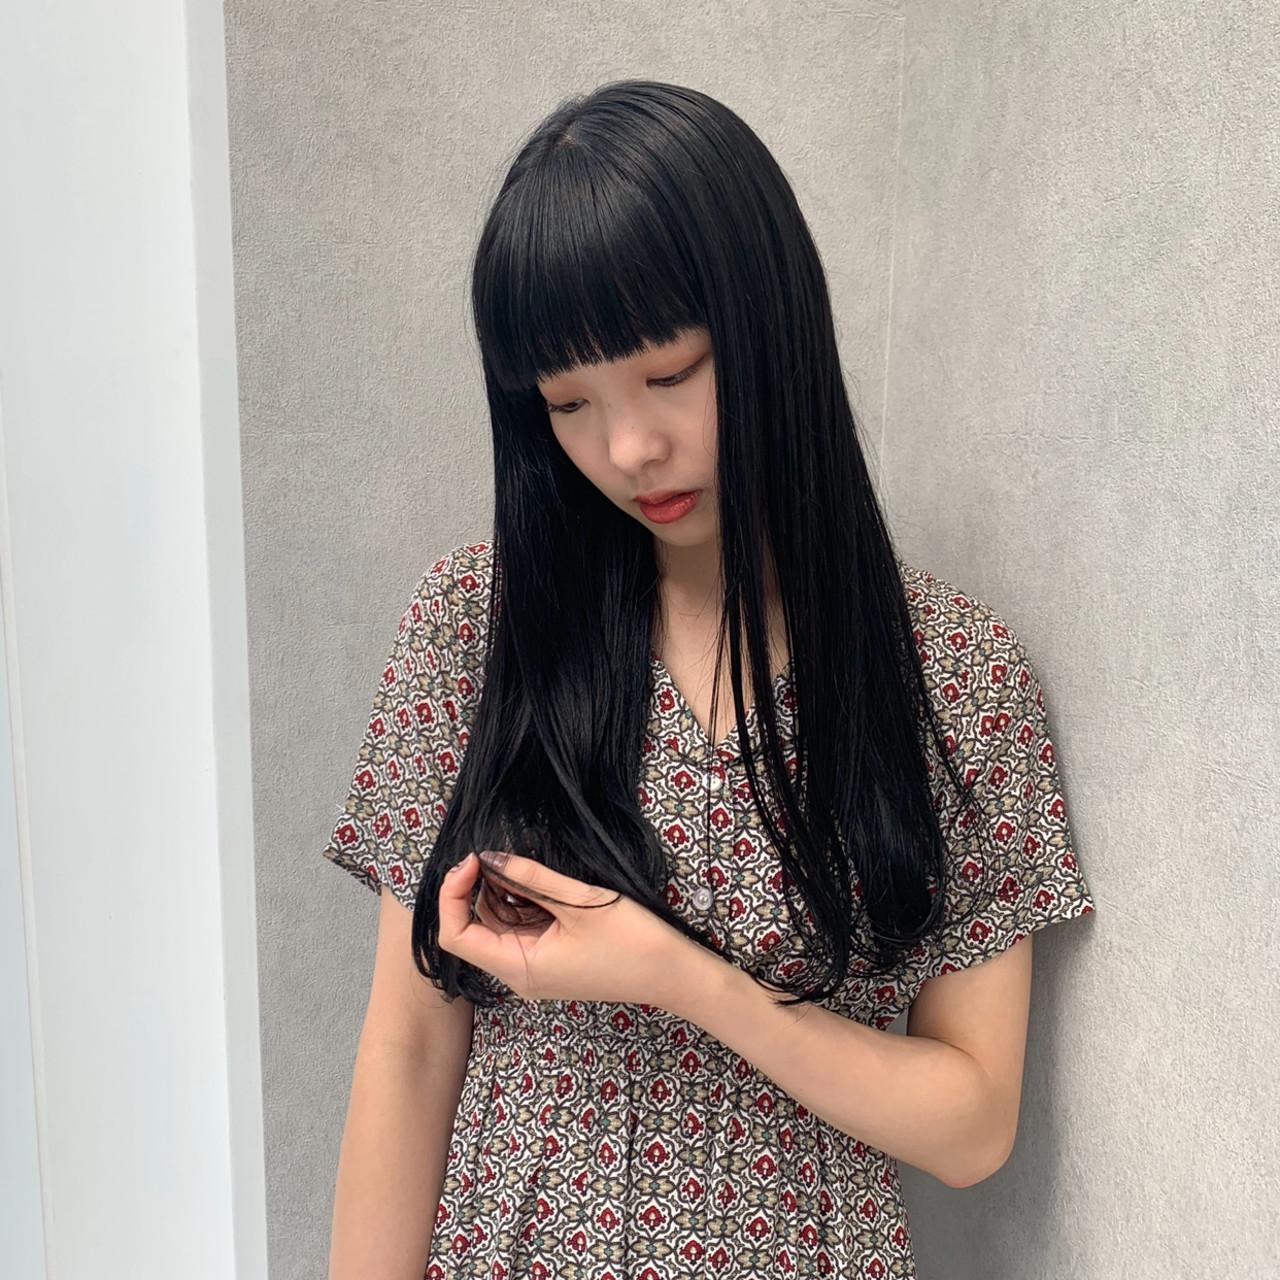 なんちゃって黒染め 黒染め 就活 コンサバ ヘアスタイルや髪型の写真・画像 | アヤ / Lano by HAIR